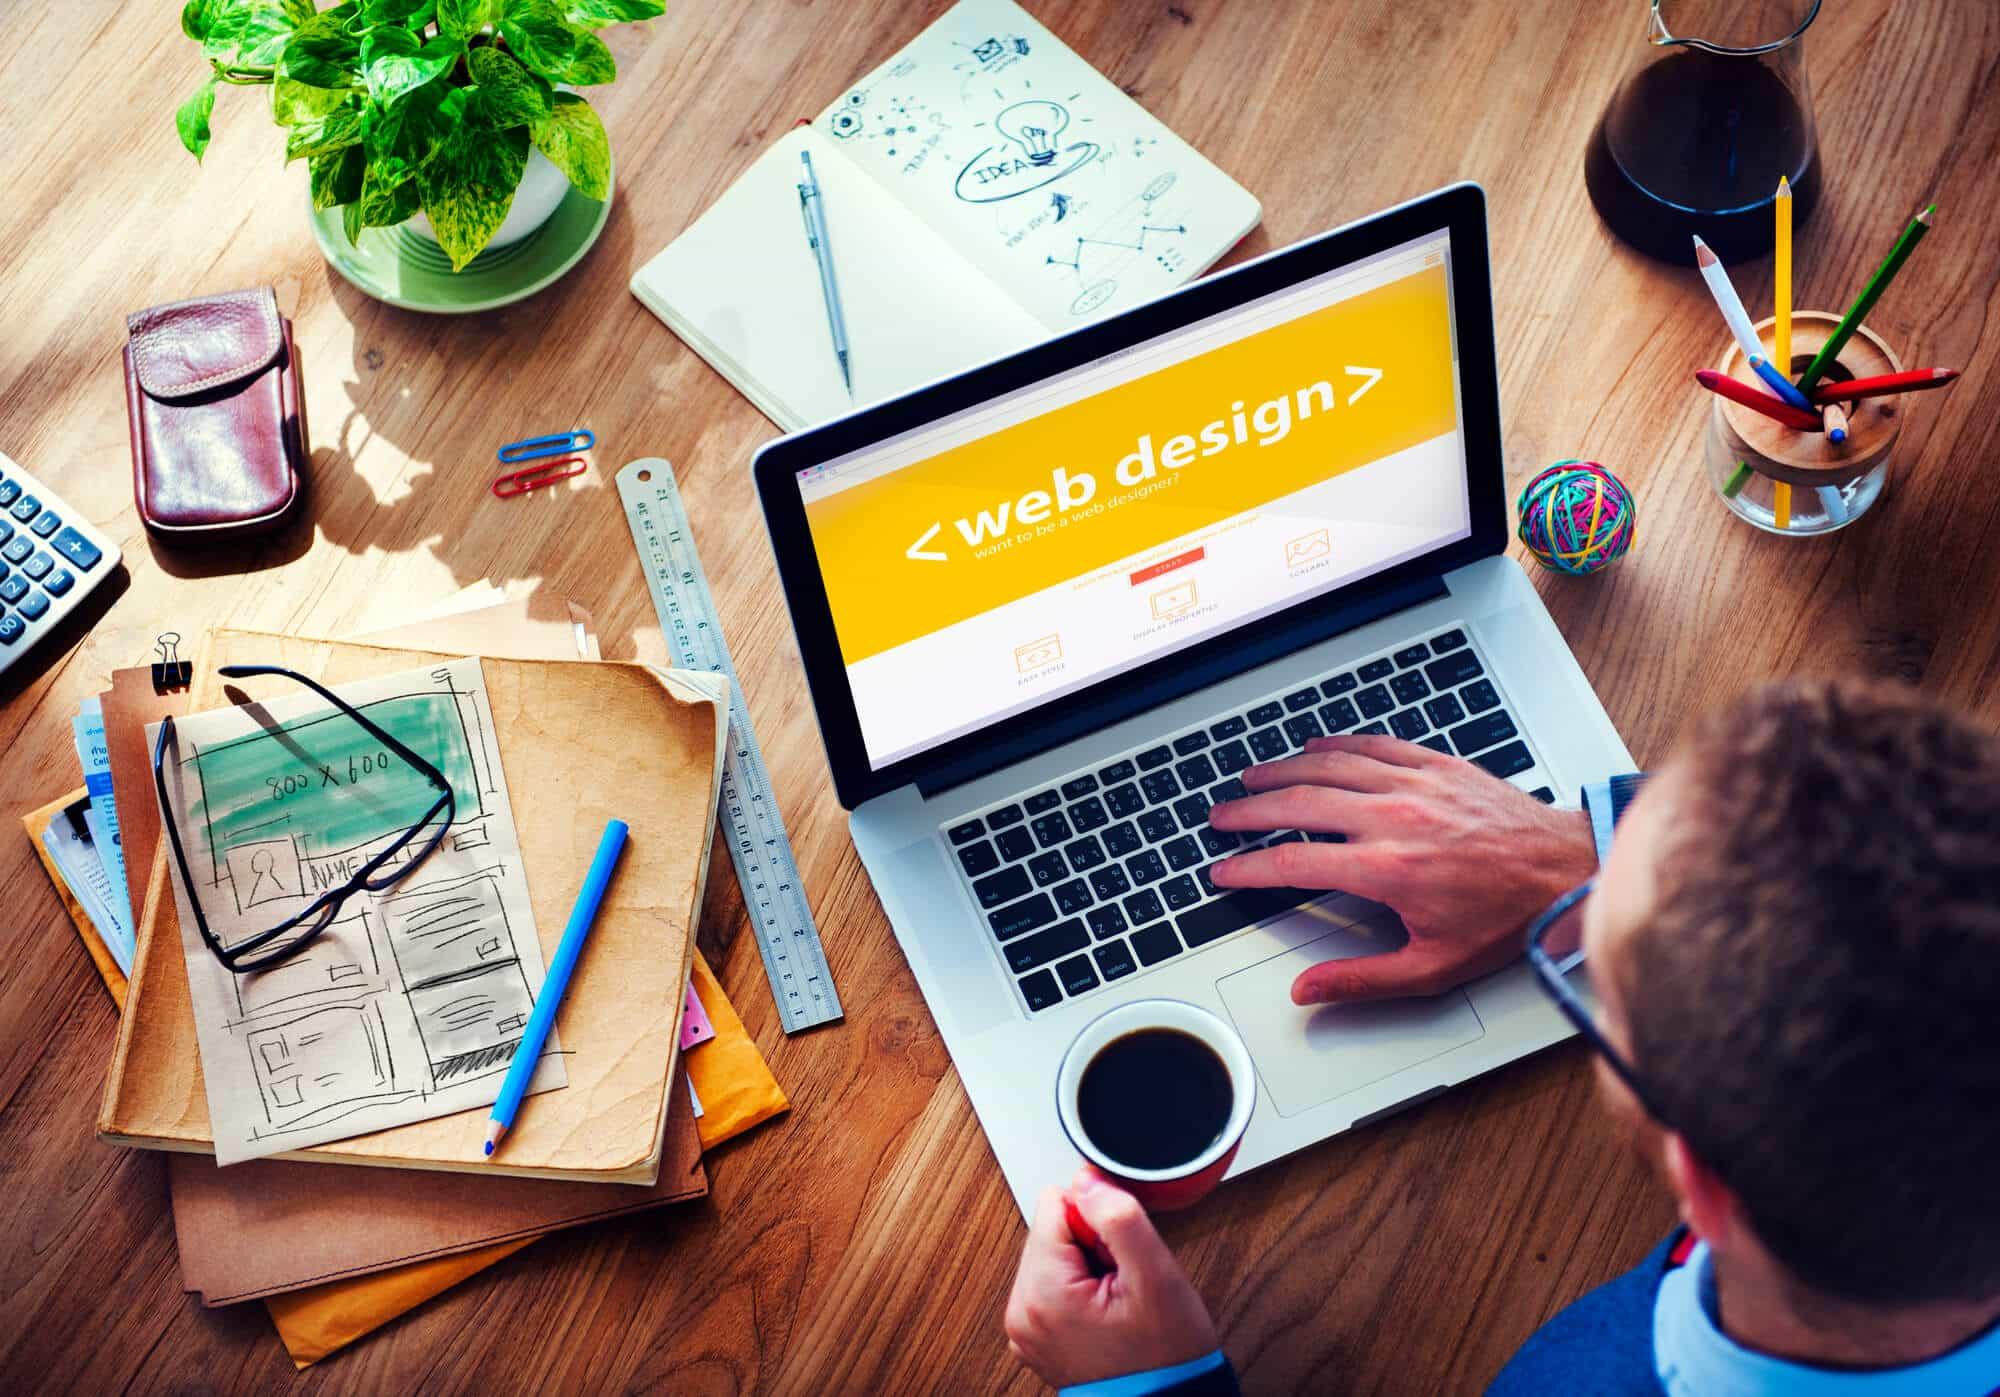 Lafayette Web Design & Digital Marketing Agency - Big Easy SEO